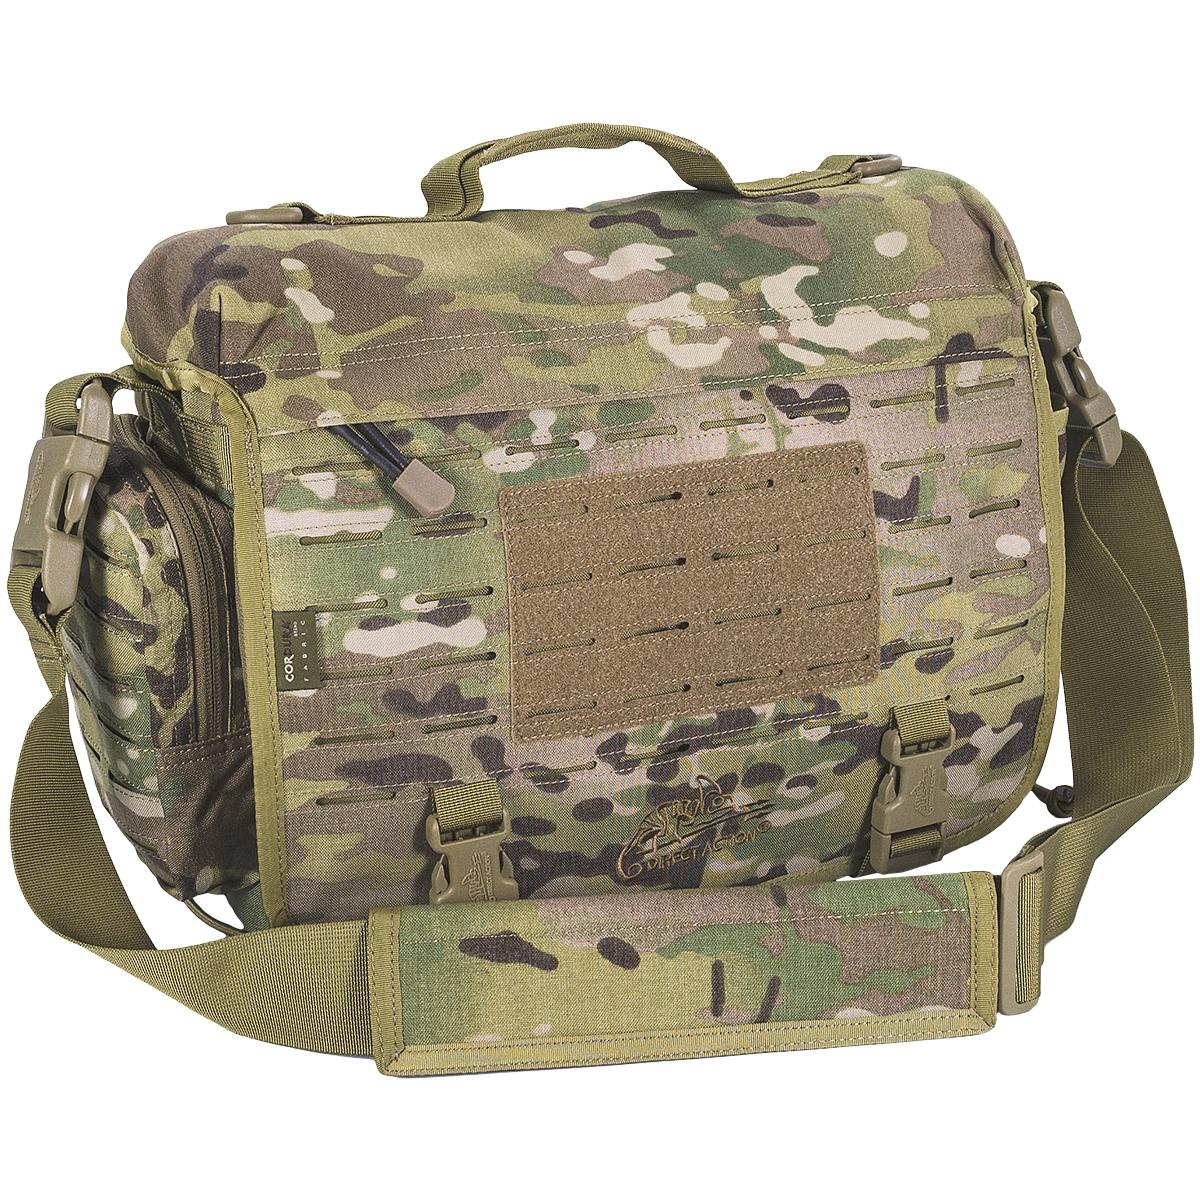 c3ee1626483 Details about direct action messenger bag tactical molle modular shoulder  laptop pack multicam jpg 1200x1200 Multicam